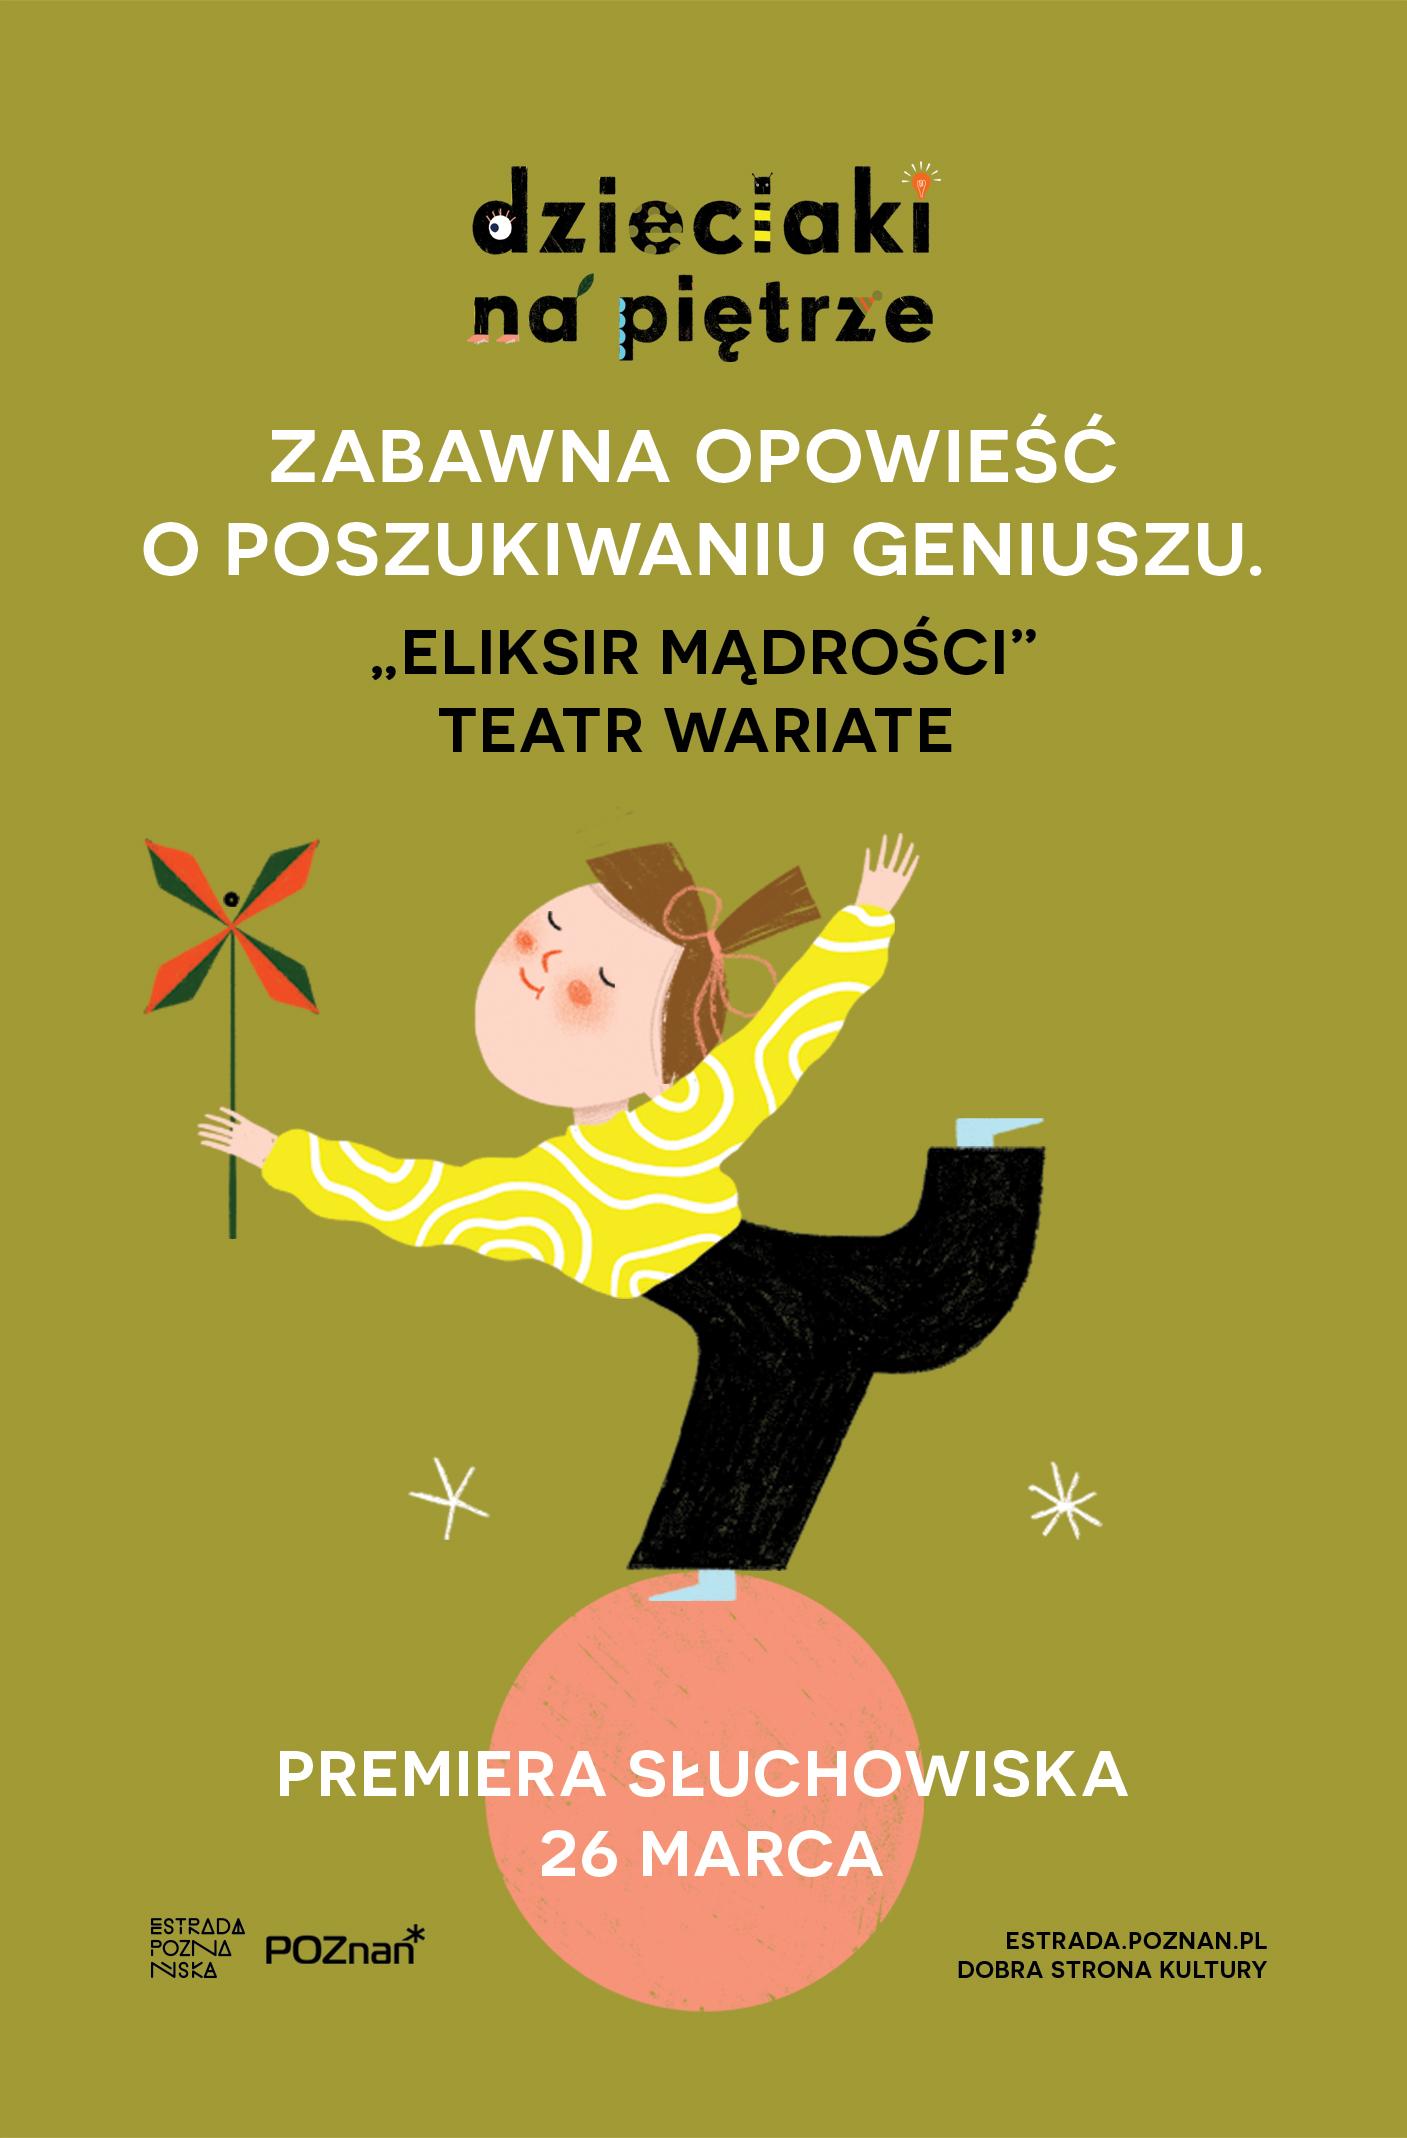 Dzieciaki na Piętrze: Eliksir mądrości - Teatr Wariate